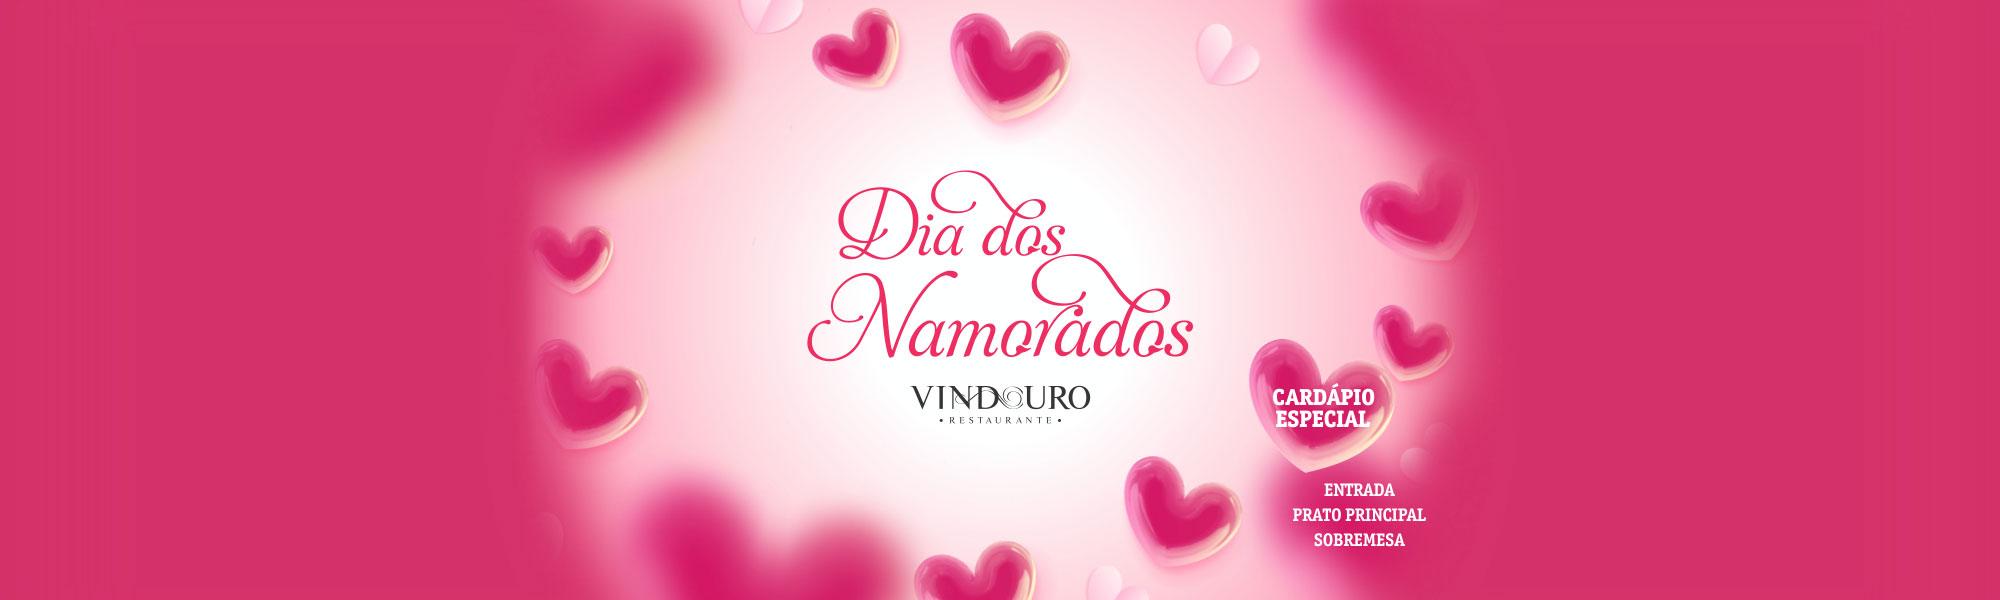 Jantar especial de dia dos namorados - Restaurante Vindouro